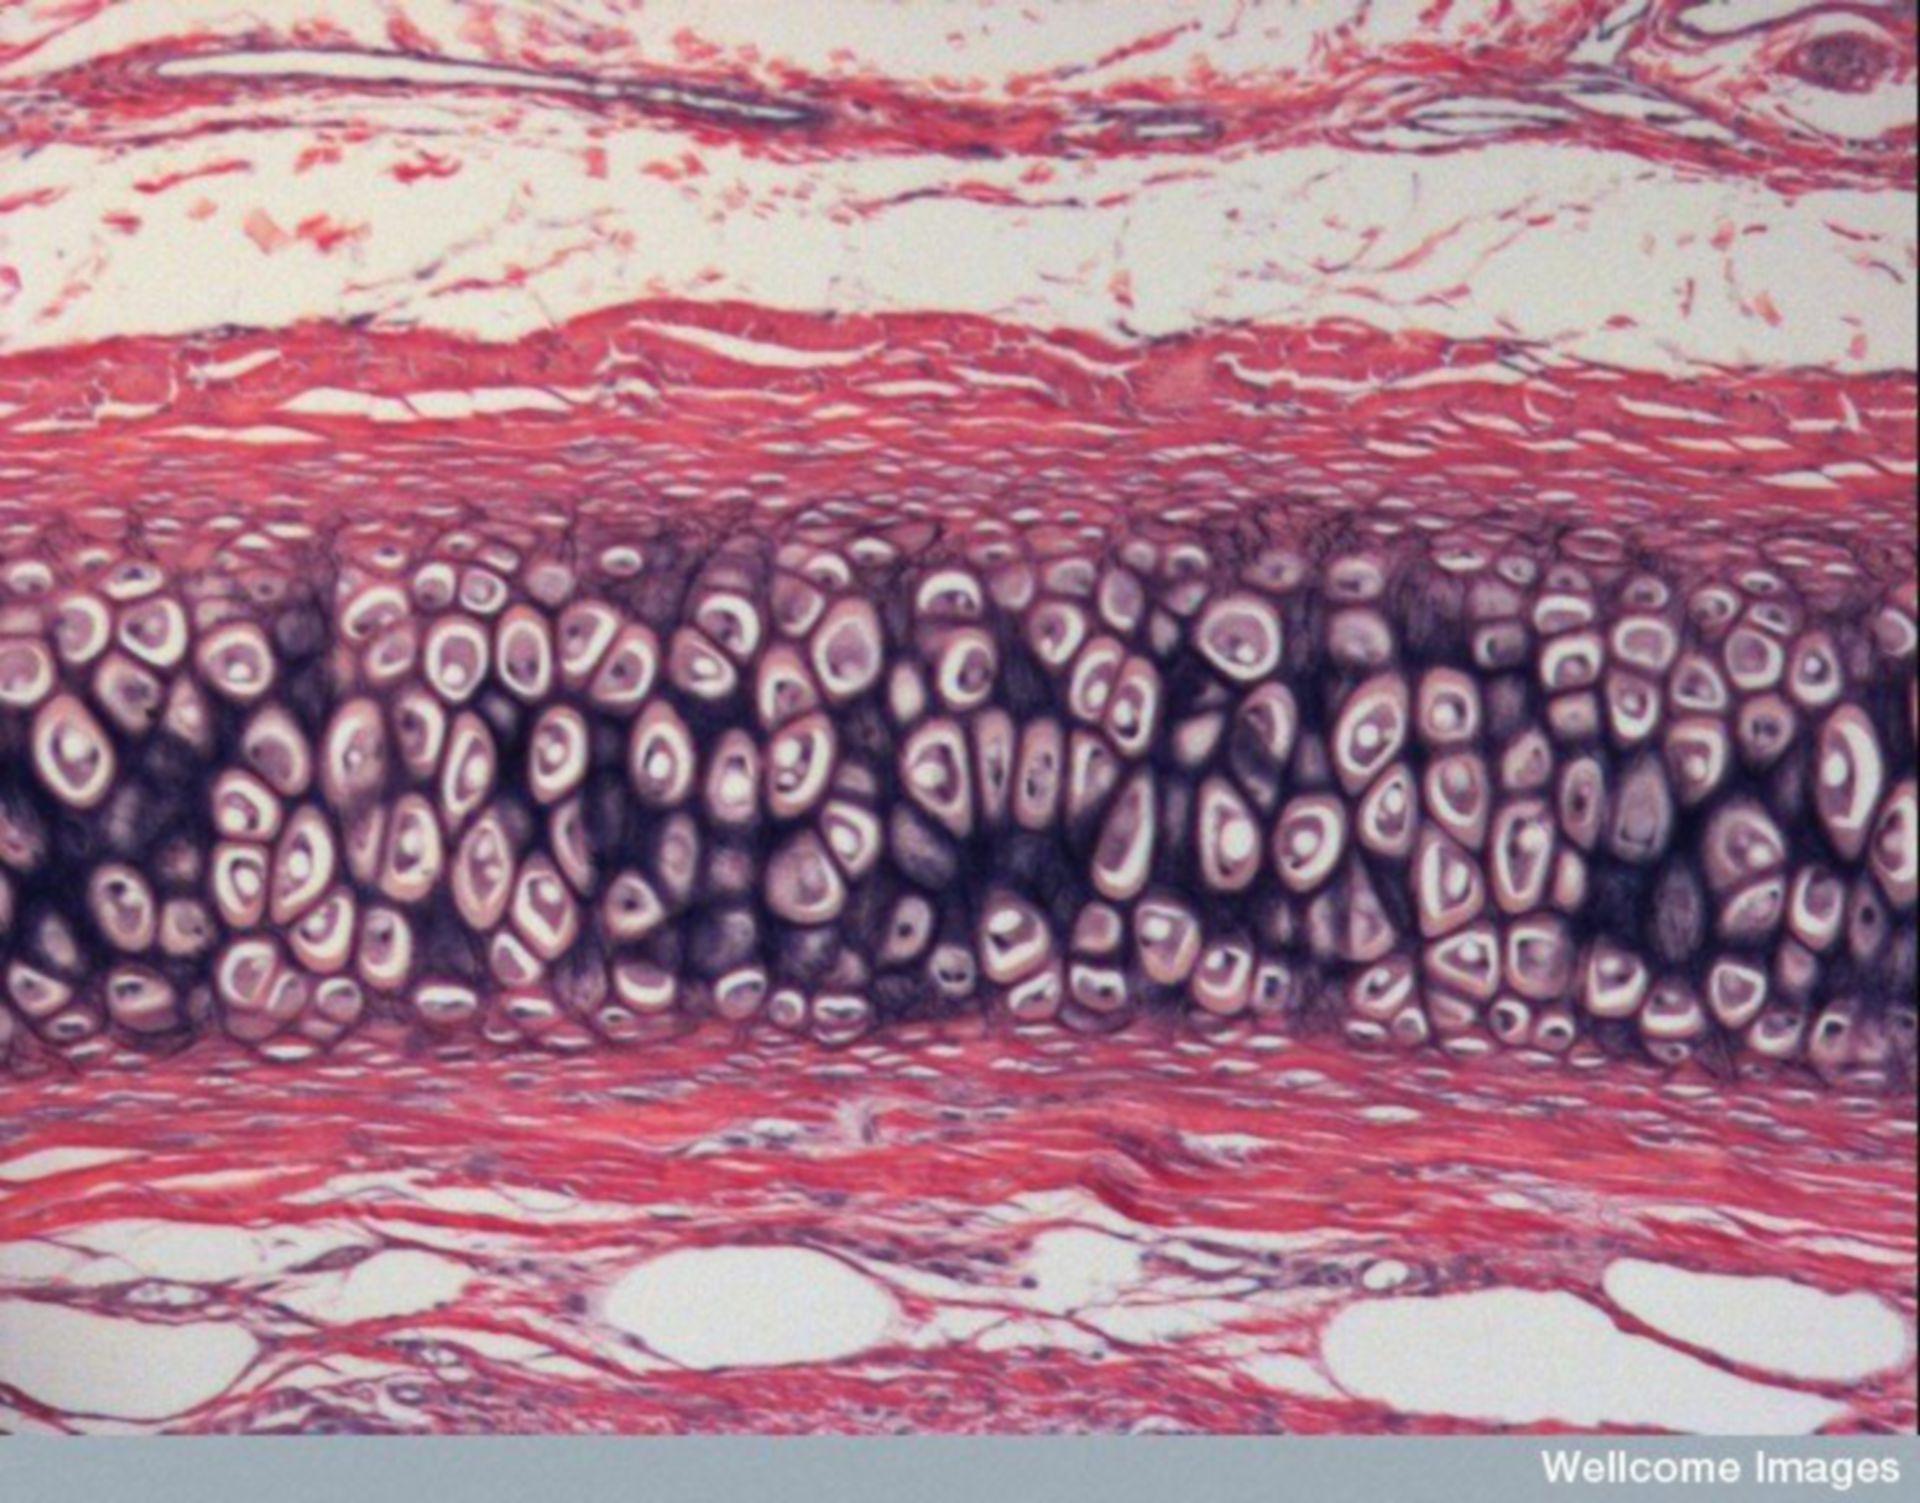 Lichtmikroskopische Aufnahme des elastischen Knorpels des Ohres